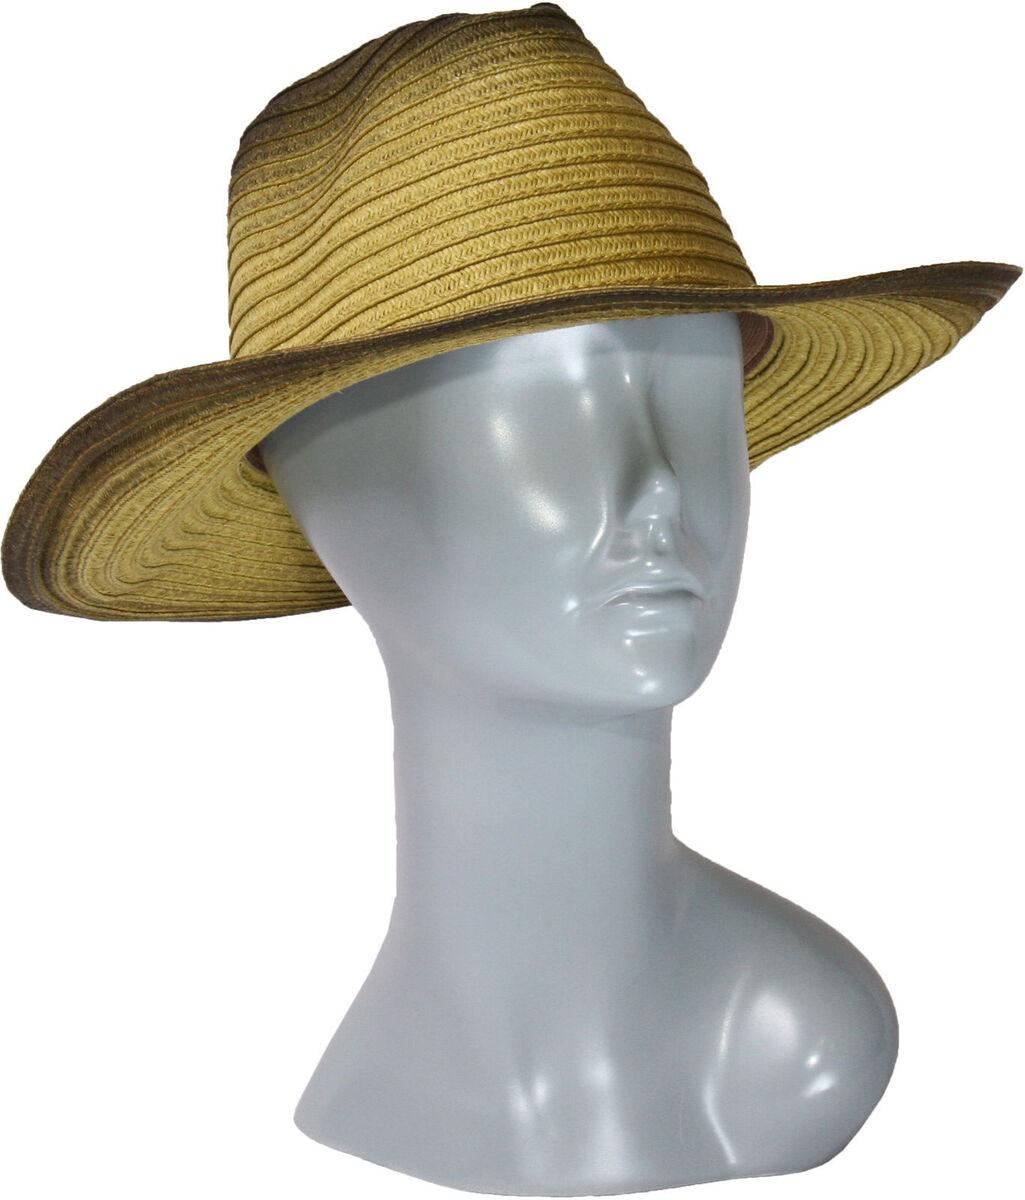 Шляпа летняя в ковбойском стиле